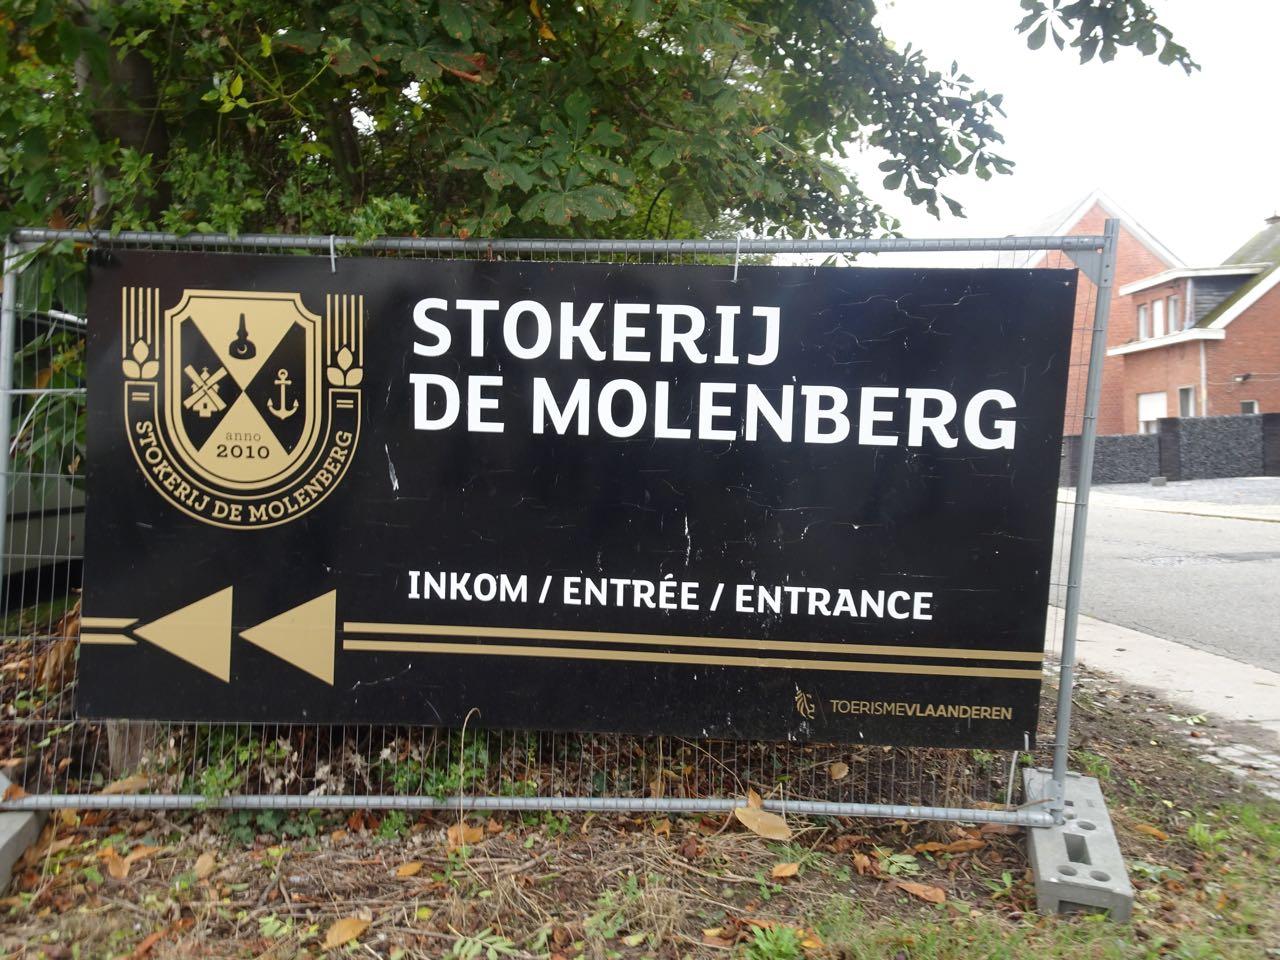 Stokerij De Molenberg